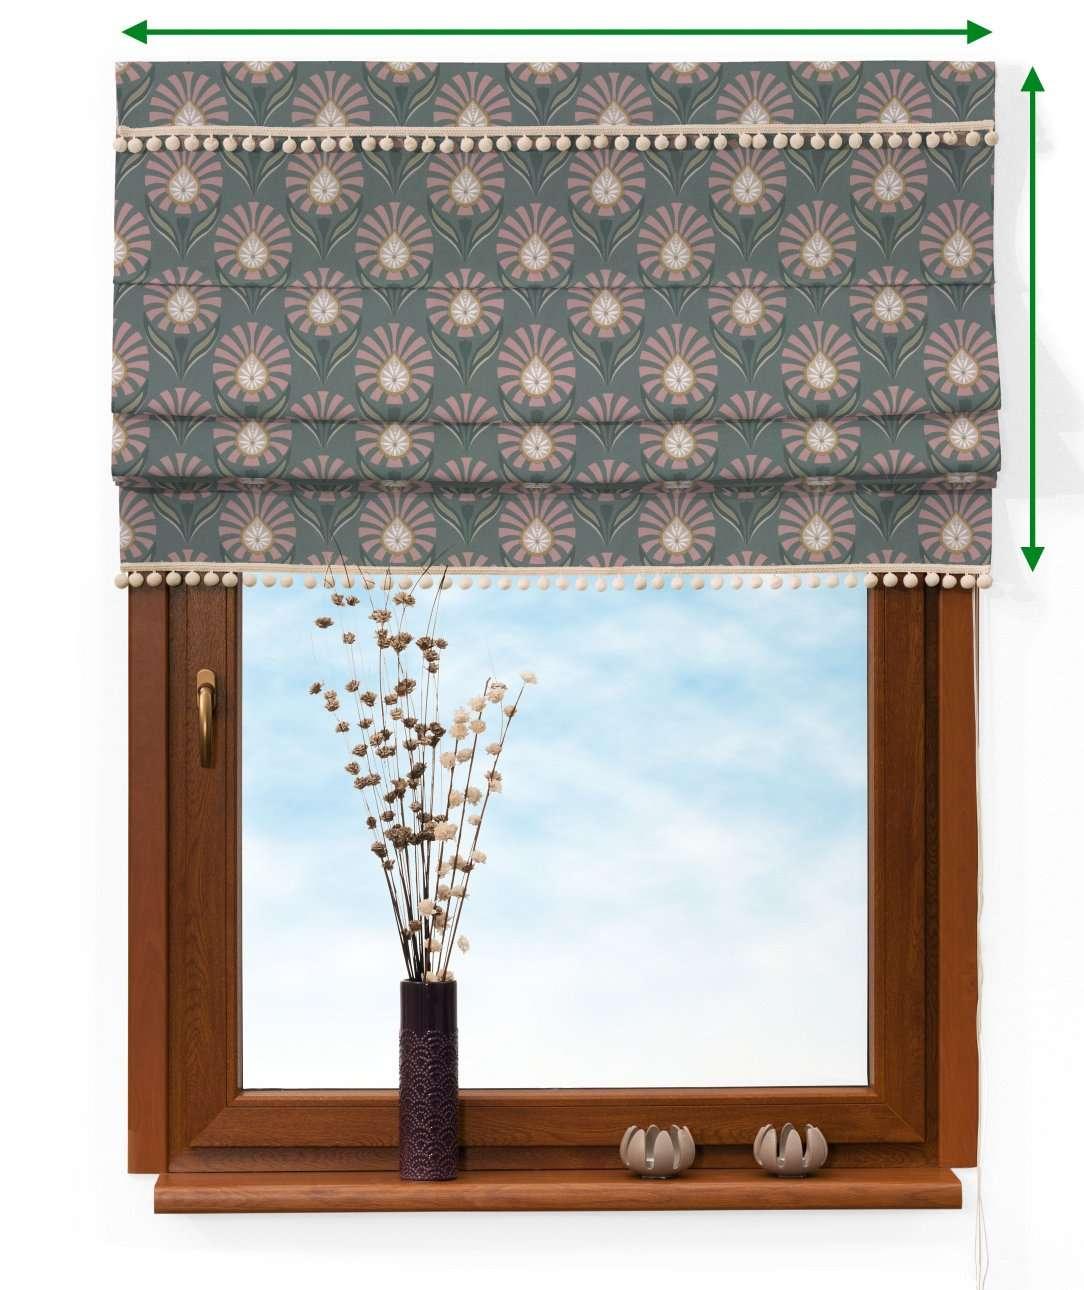 Roleta rímska s brmbolcami V kolekcii Gardenia, tkanina: 142-17